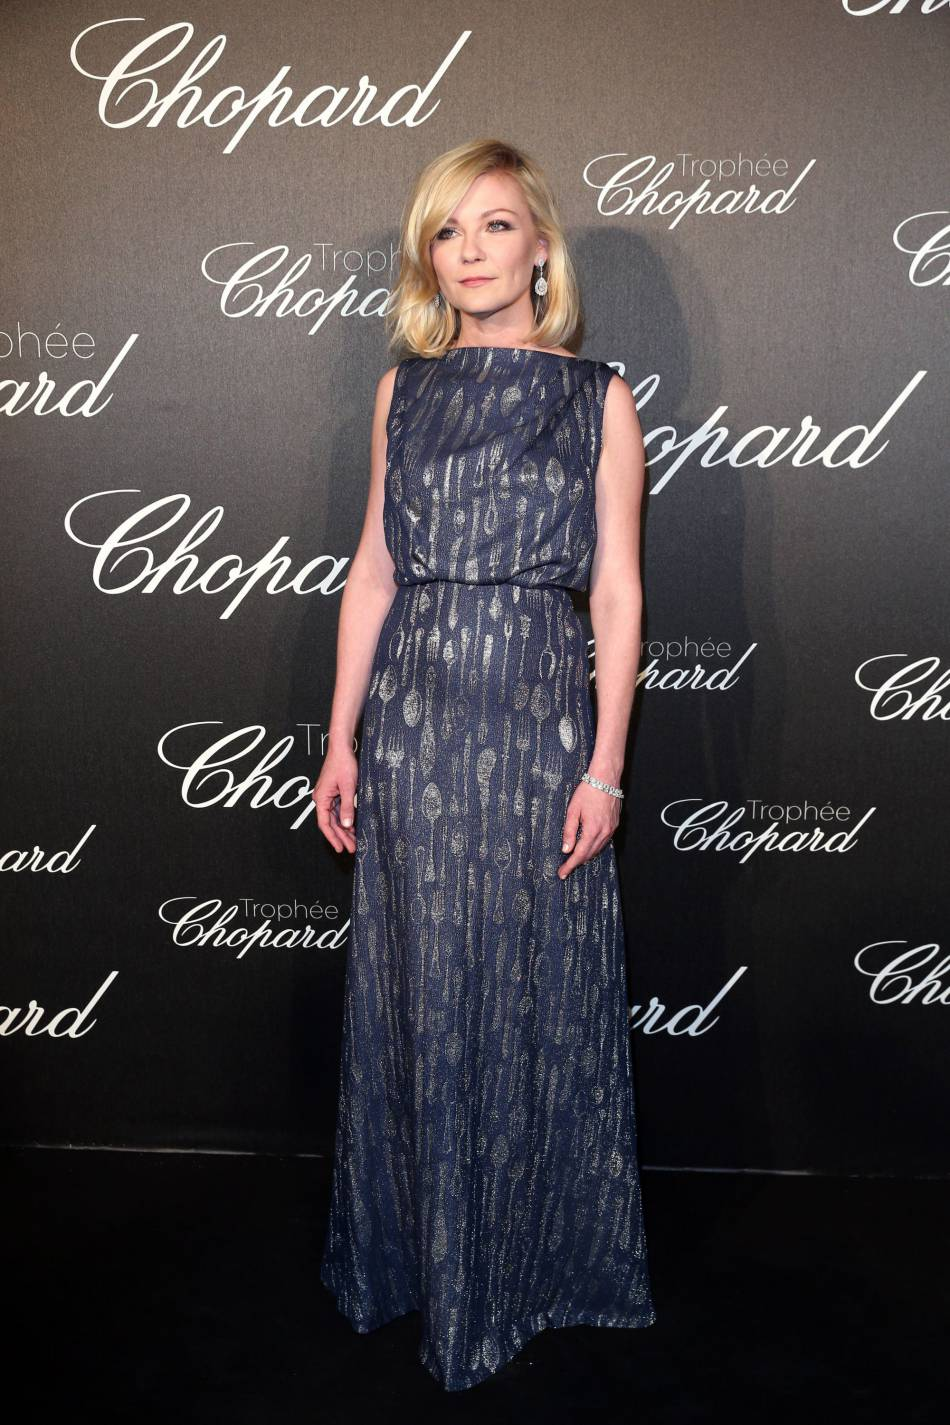 Kirsten Dunst lors de la cérémonie du Tropée Chopard organisée le 12 mai 2016 à Cannes.